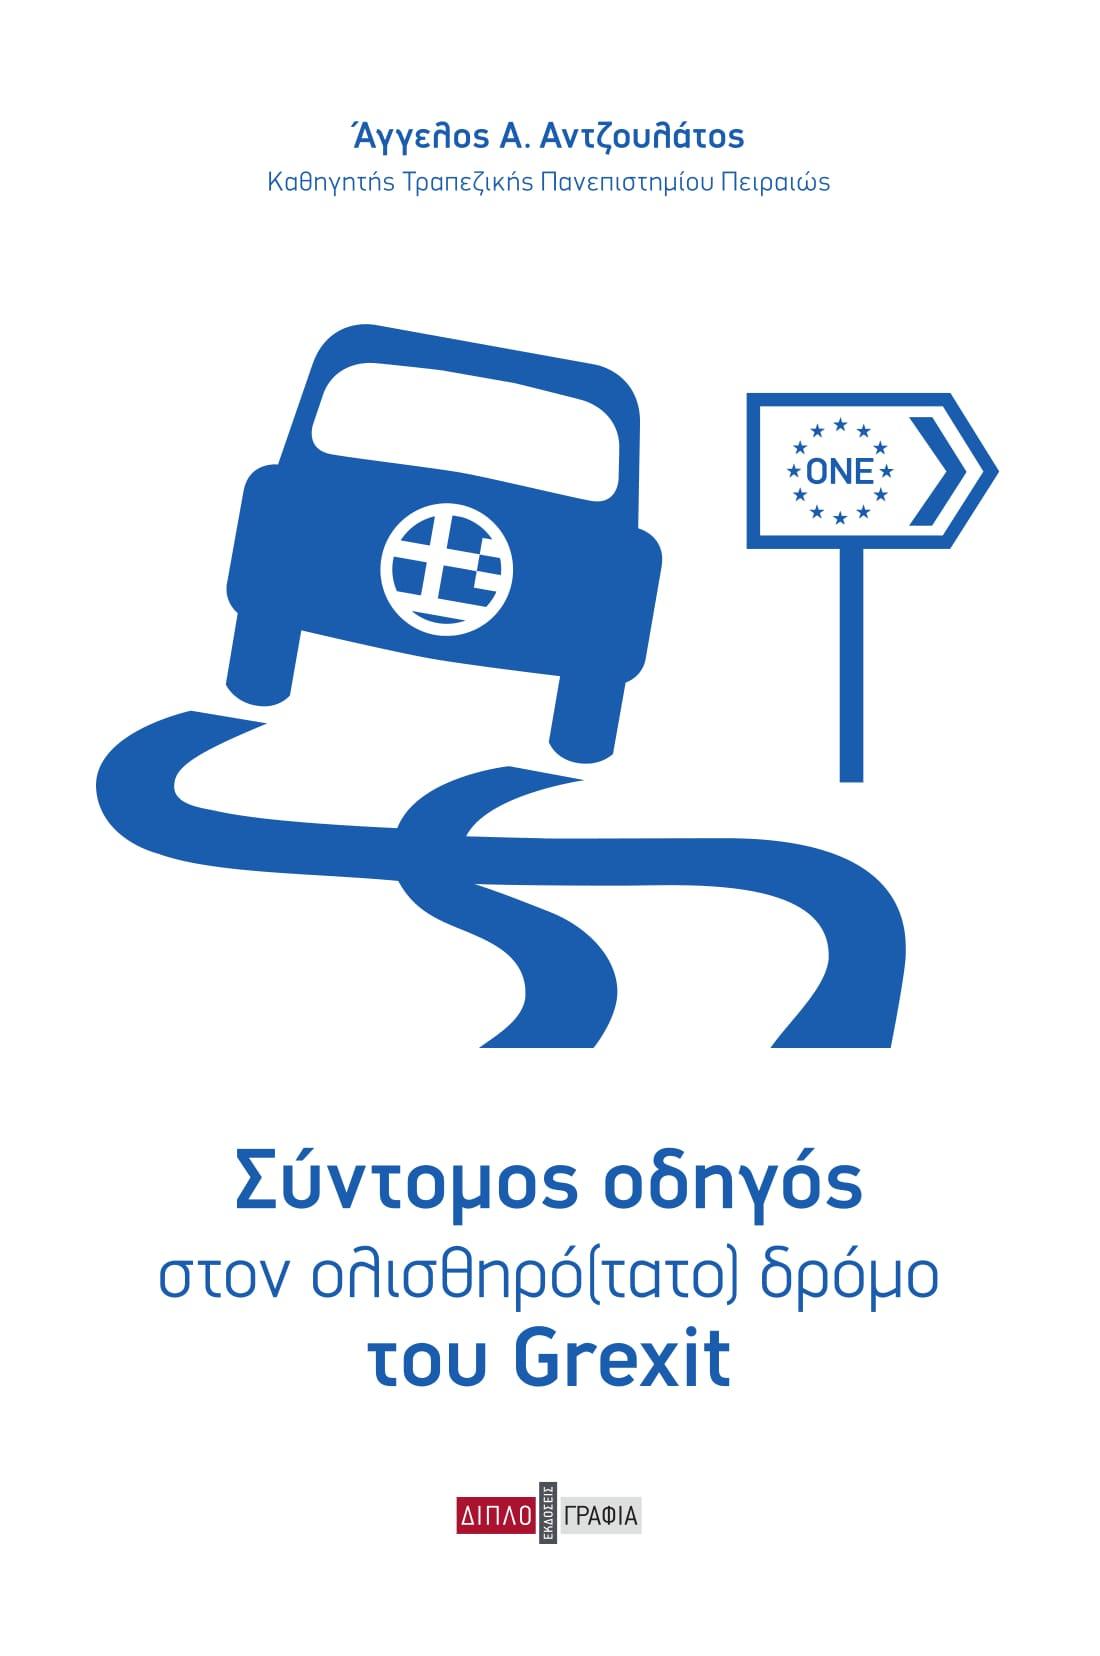 Σύντομος οδηγός στον ολισθηρό(τατο) δρόμο του Grexit